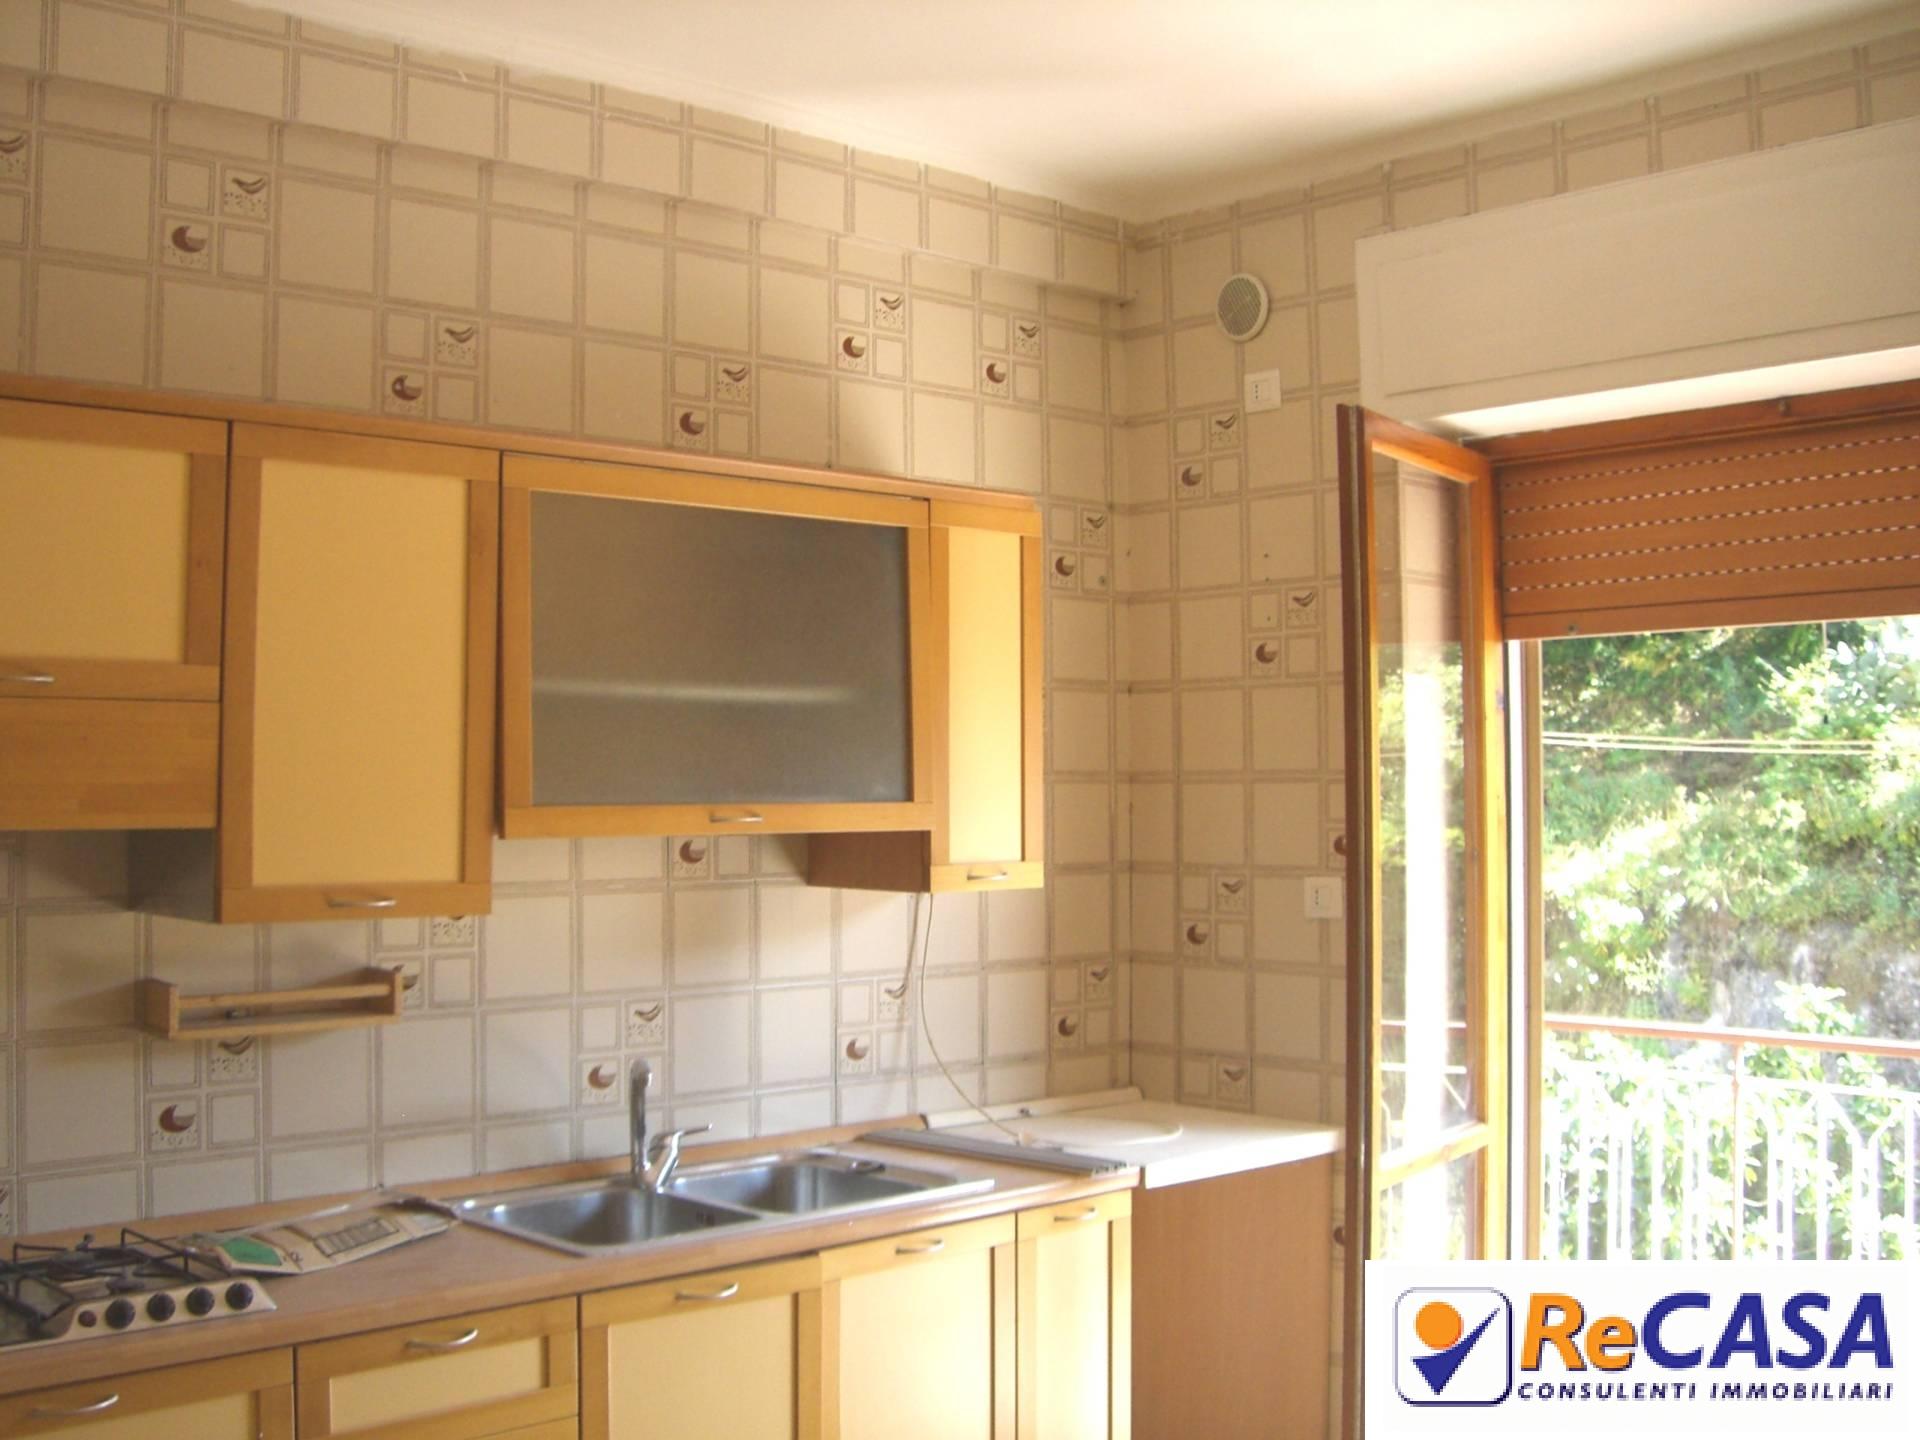 Appartamento in affitto a Montecorvino Rovella, 4 locali, zona Località: Centro, prezzo € 400 | Cambio Casa.it